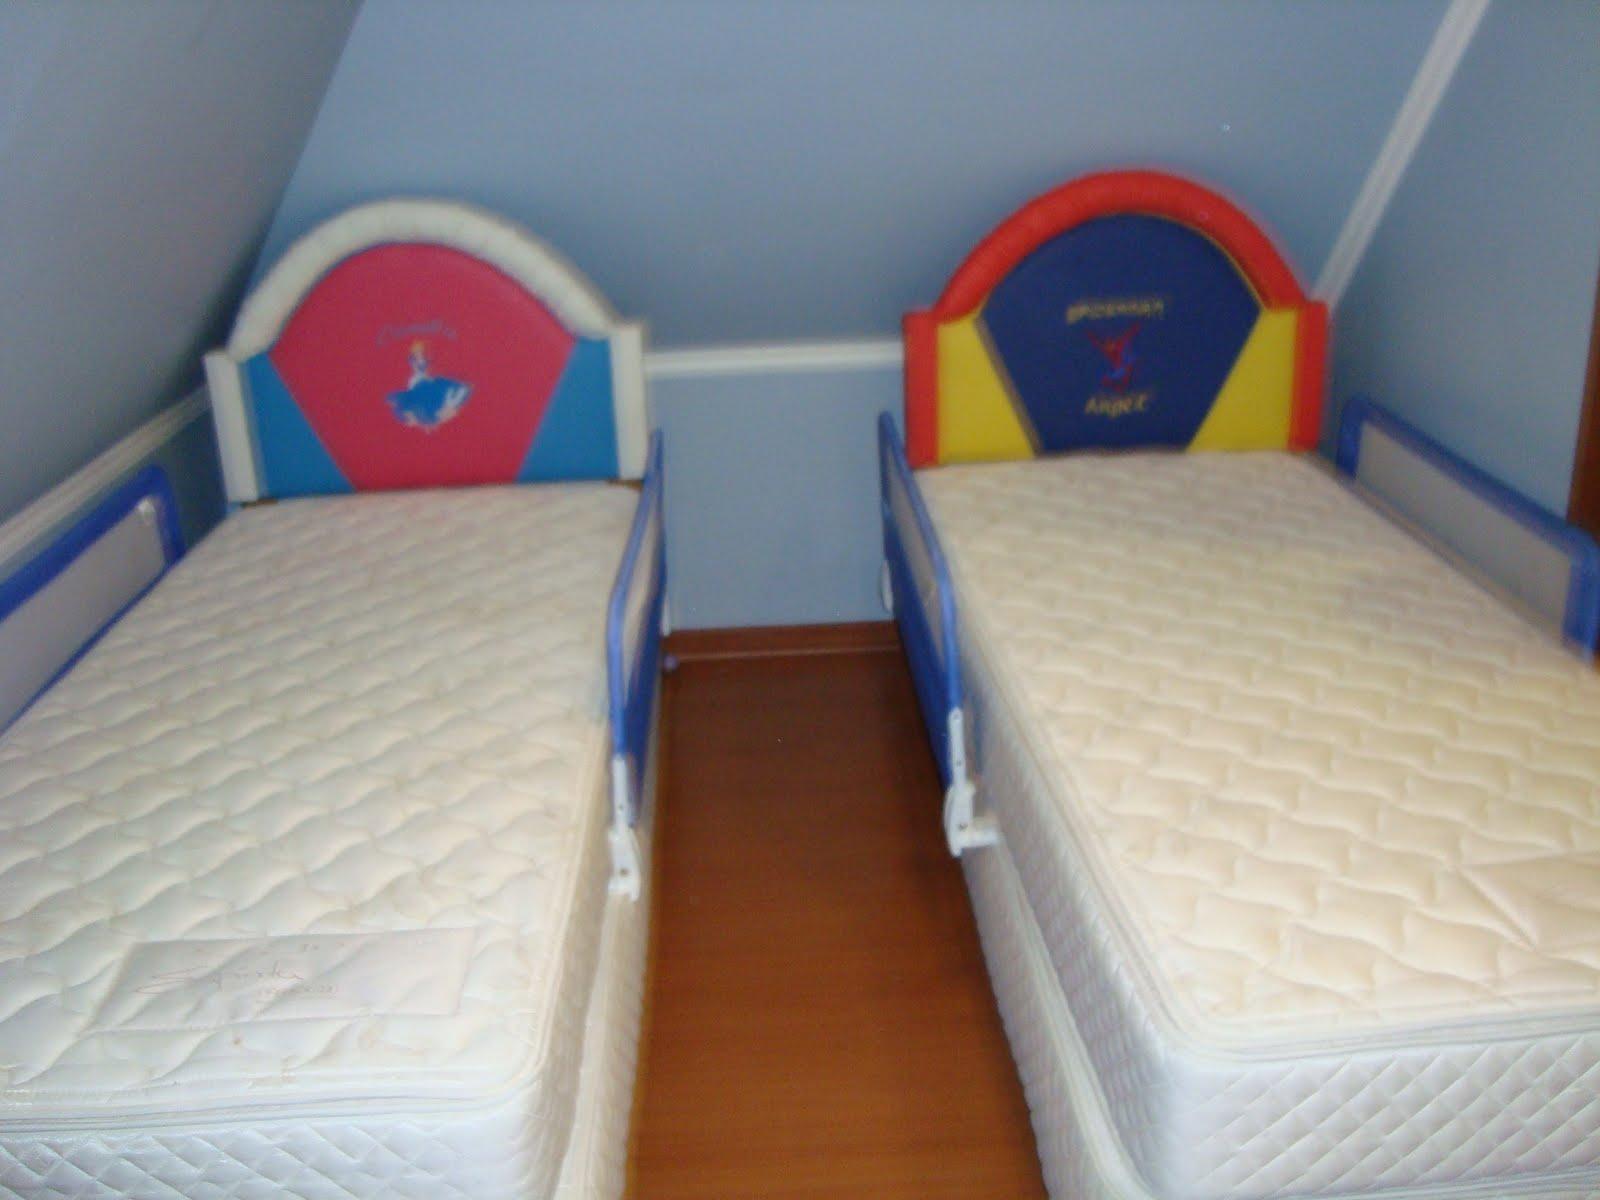 Sillones baules camas y respaldos infantiles personalizados a tu gusto noviembre 2009 - Sillones una plaza ...